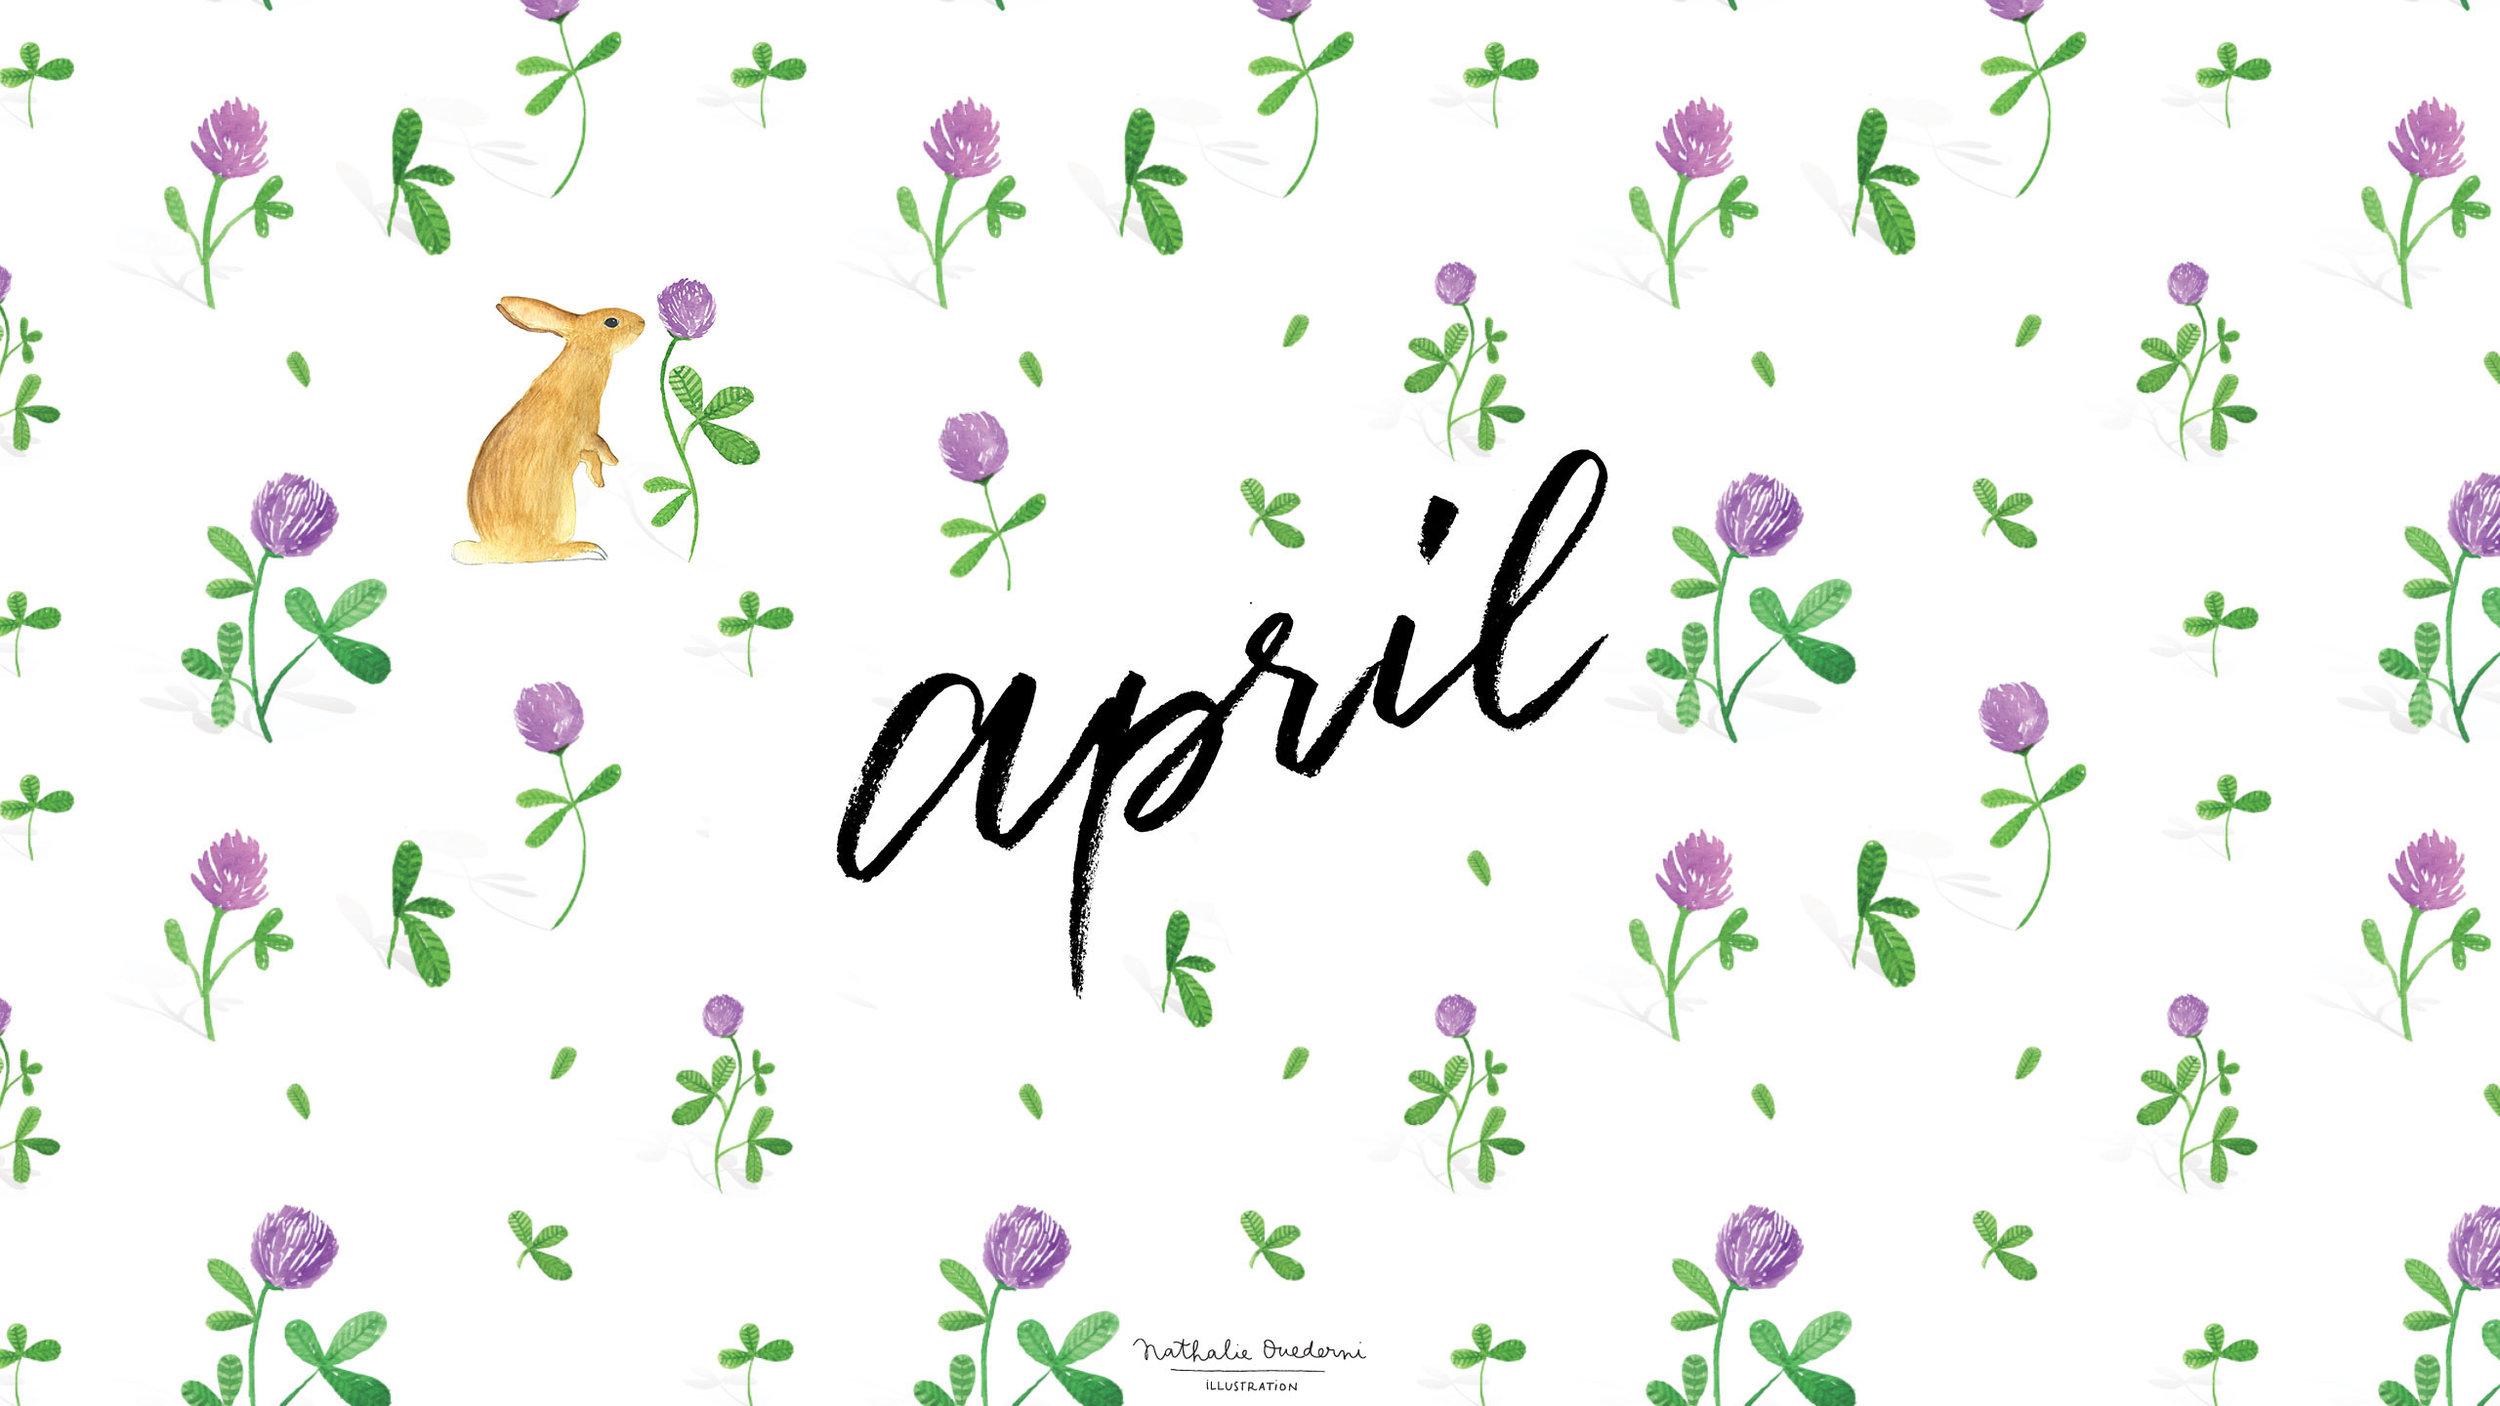 April-Illustrated-Wallpaper-Nathalie-Ouederni-Desktop.jpg